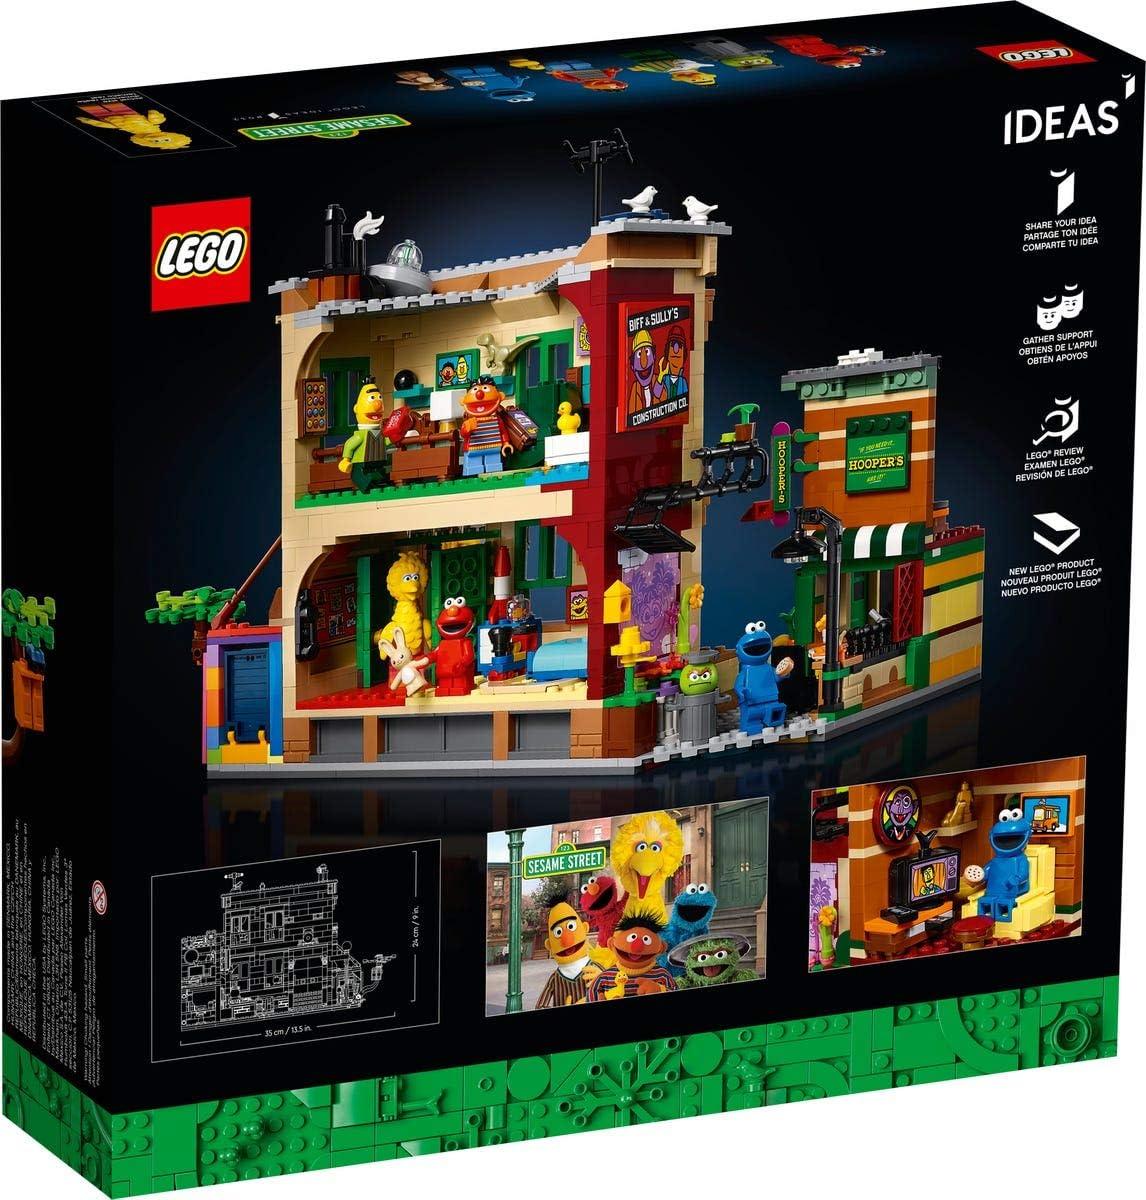 Lego IDEAS 21324 Minifigur Oscar the Grouch idea078 Sesamstraße Sesame Street